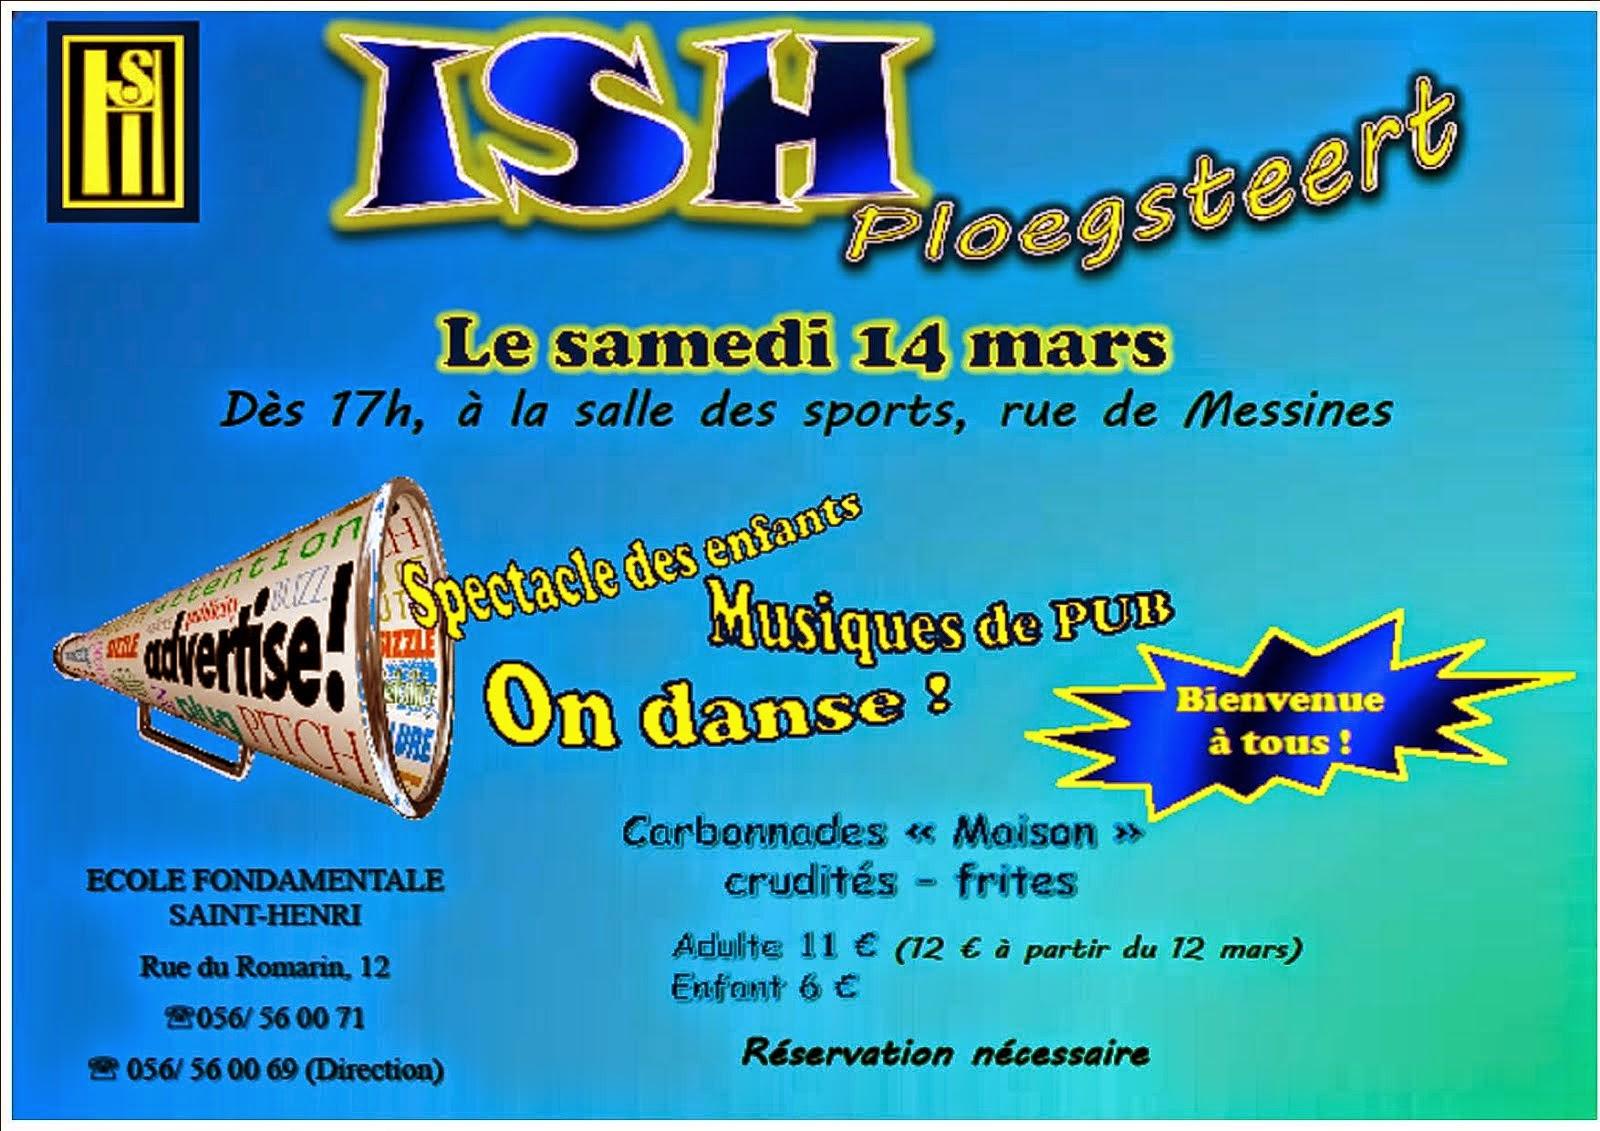 14 MARS REPAS Saint Henri Ploegsteert